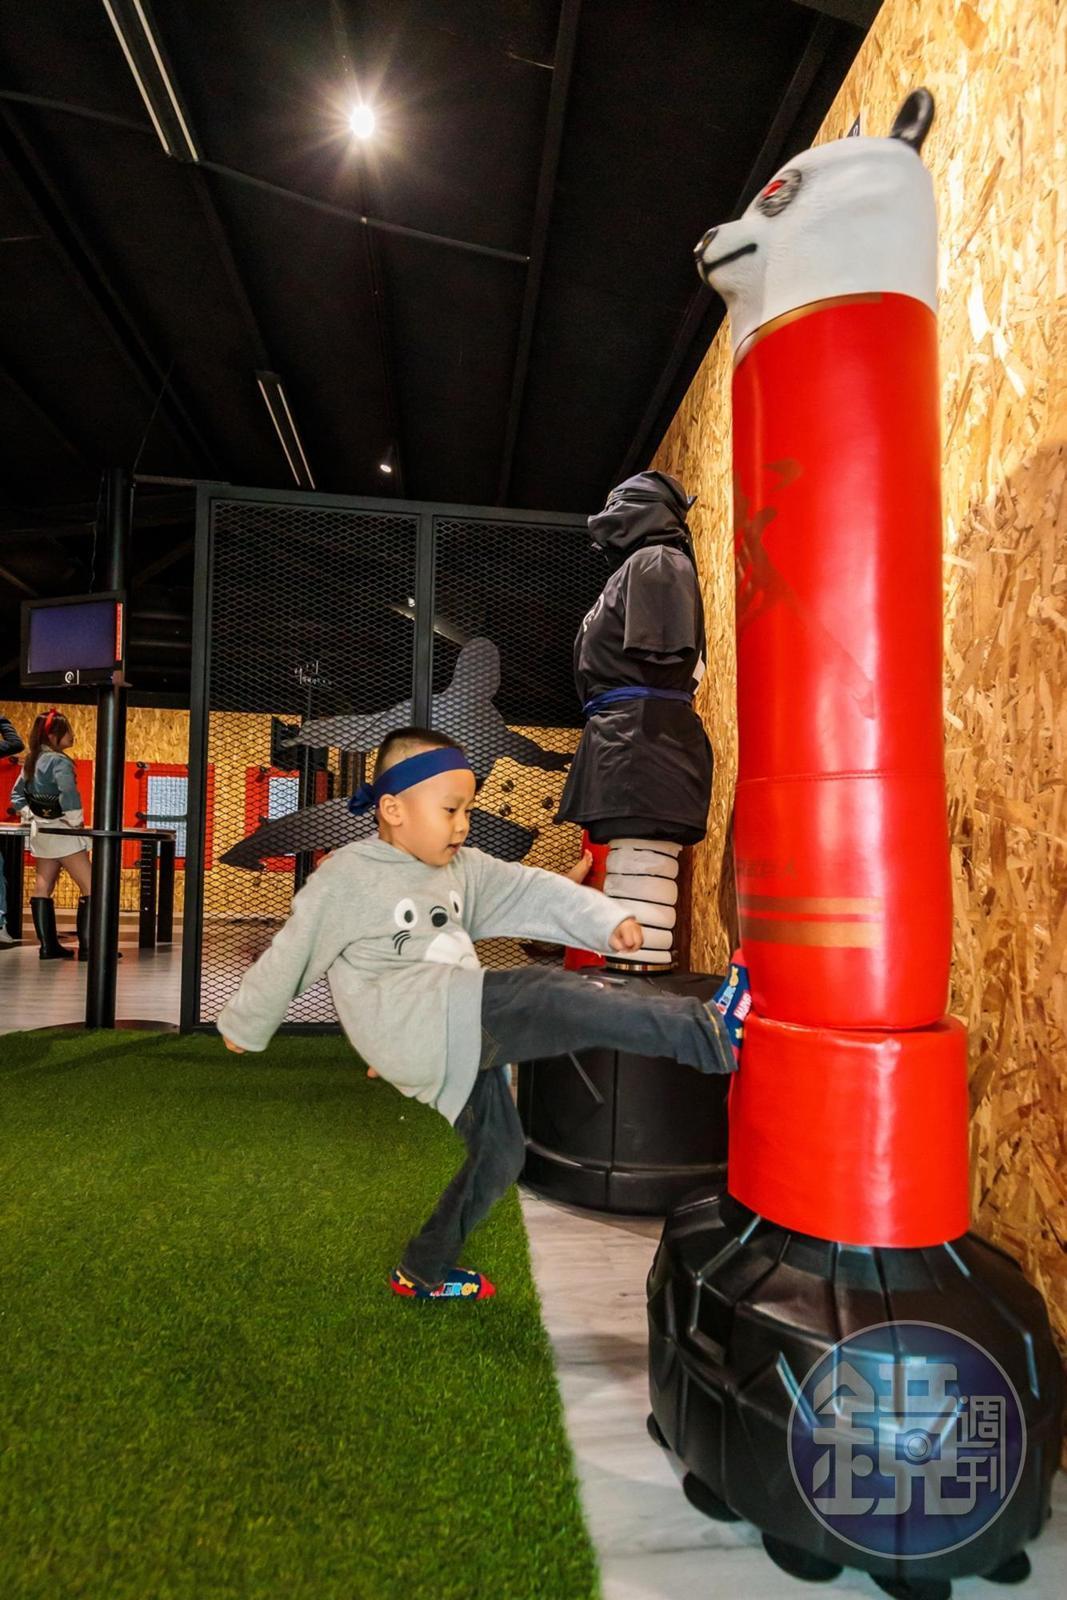 迴旋踢訓練腳力及平衡感,看誰可以一腳踢到頭。